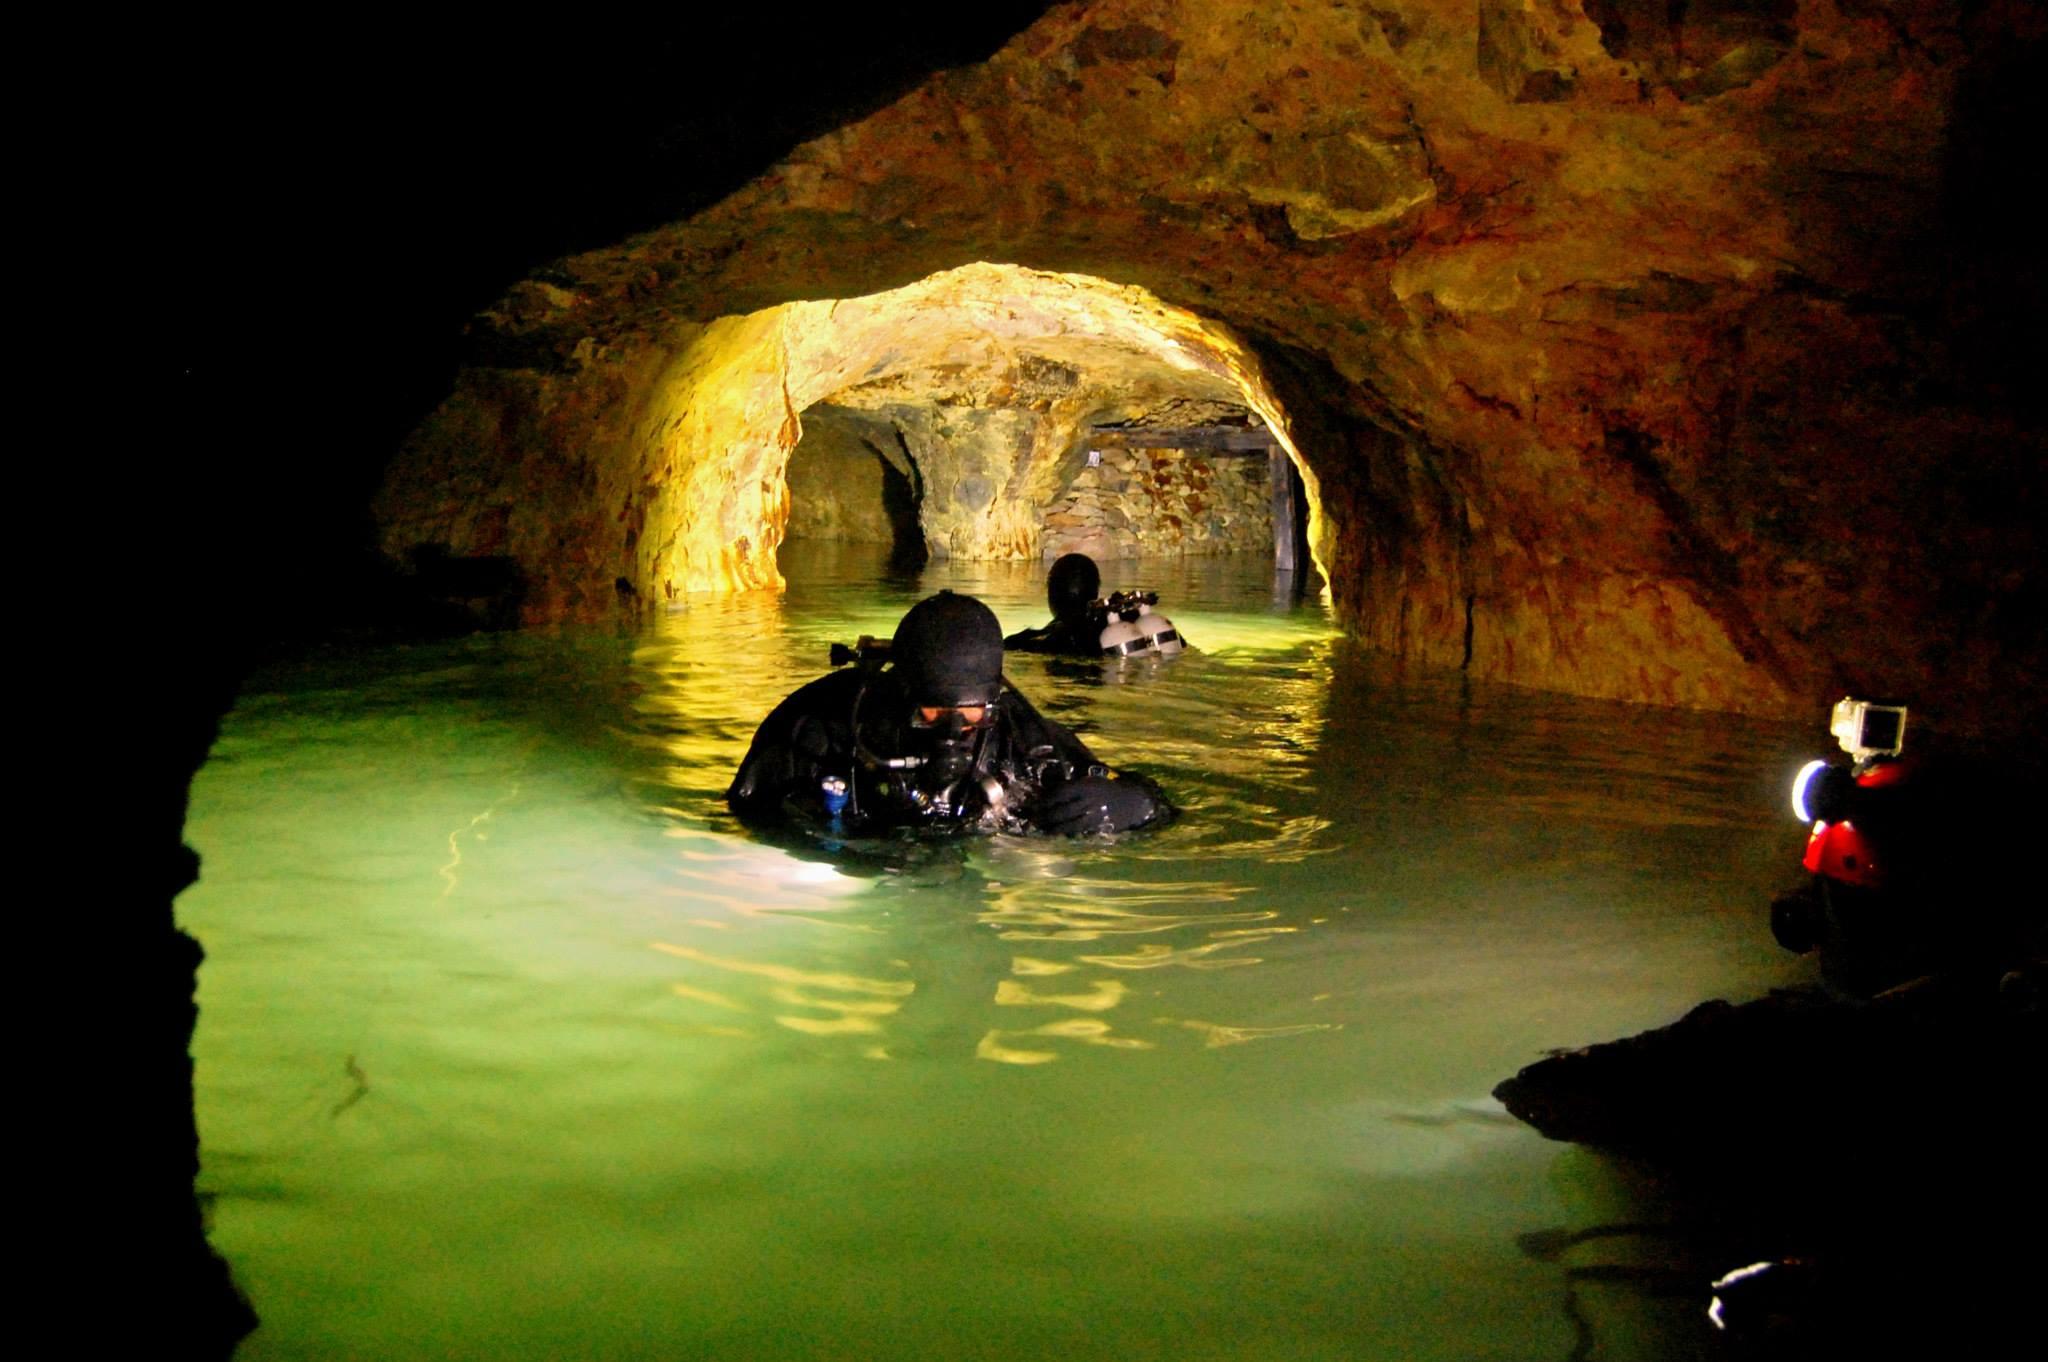 Potápanie v Slovenských opálových baniach. P. Kubička a P. Buzzacott (zľava doprava)